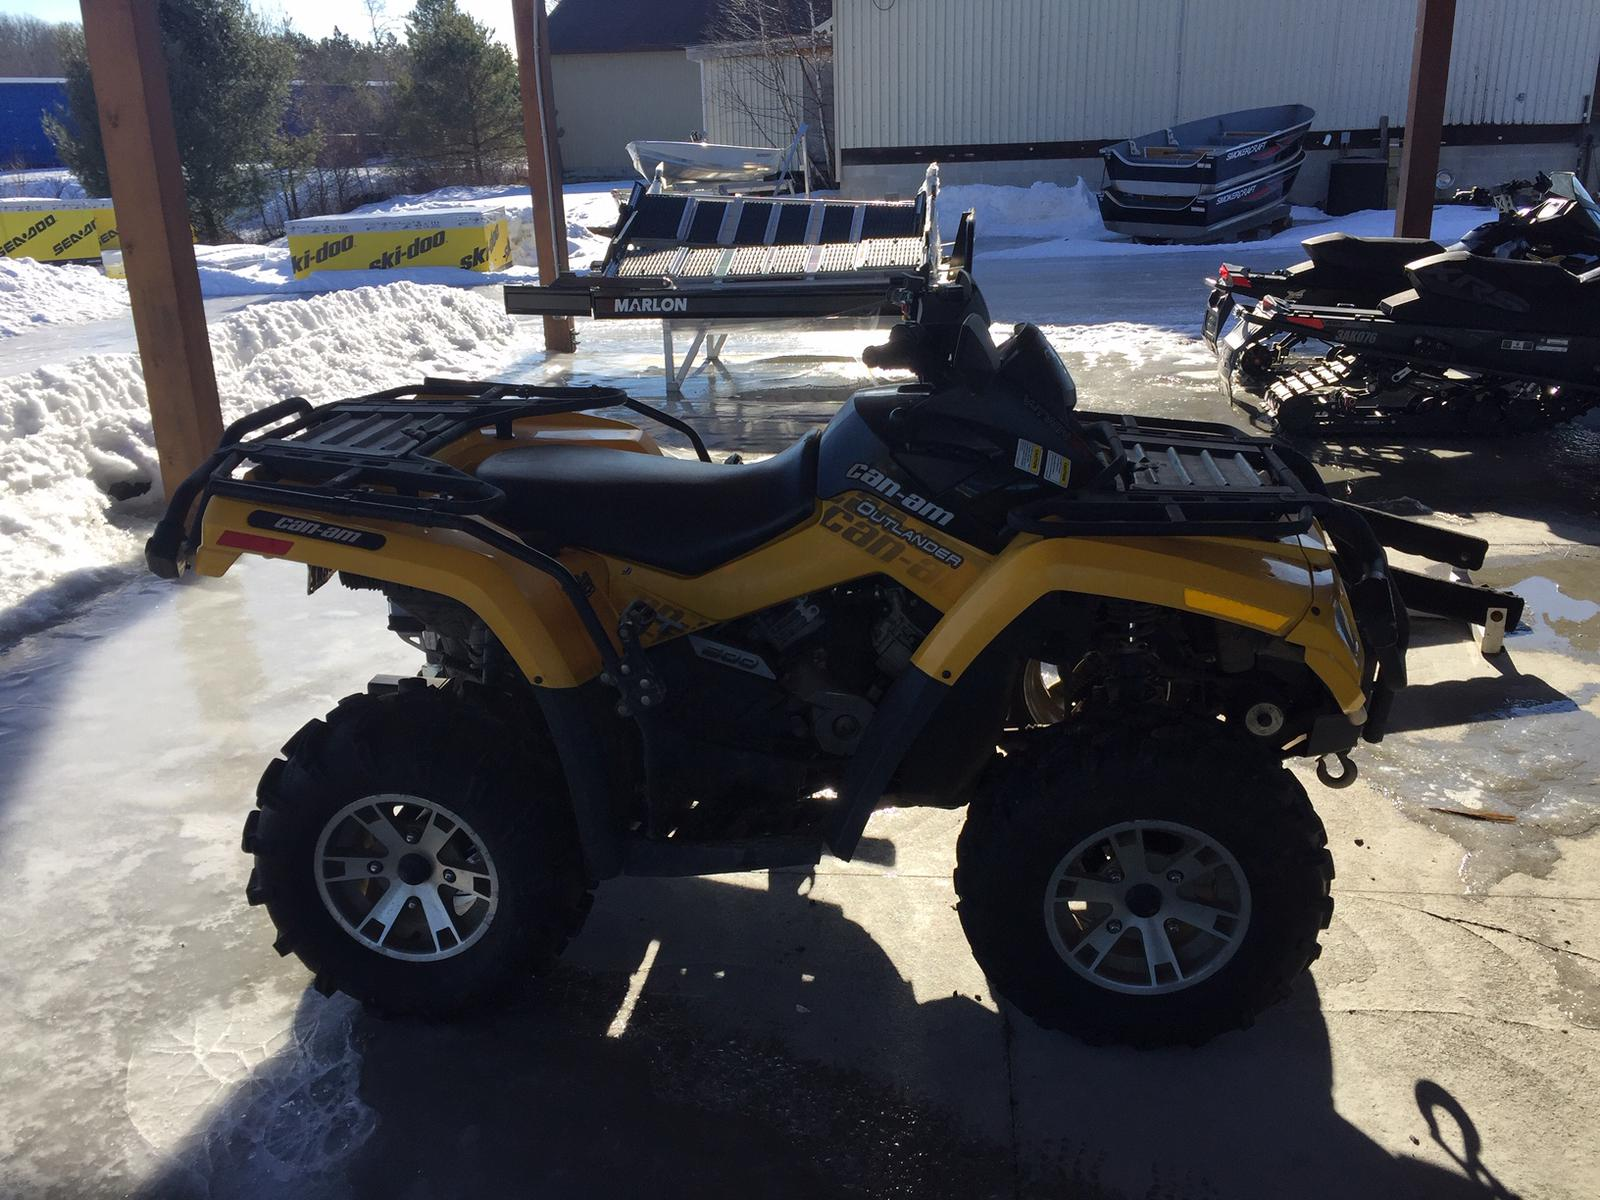 2009 Can-Am ATV OUTLANDER XT 500 | 1 of 2